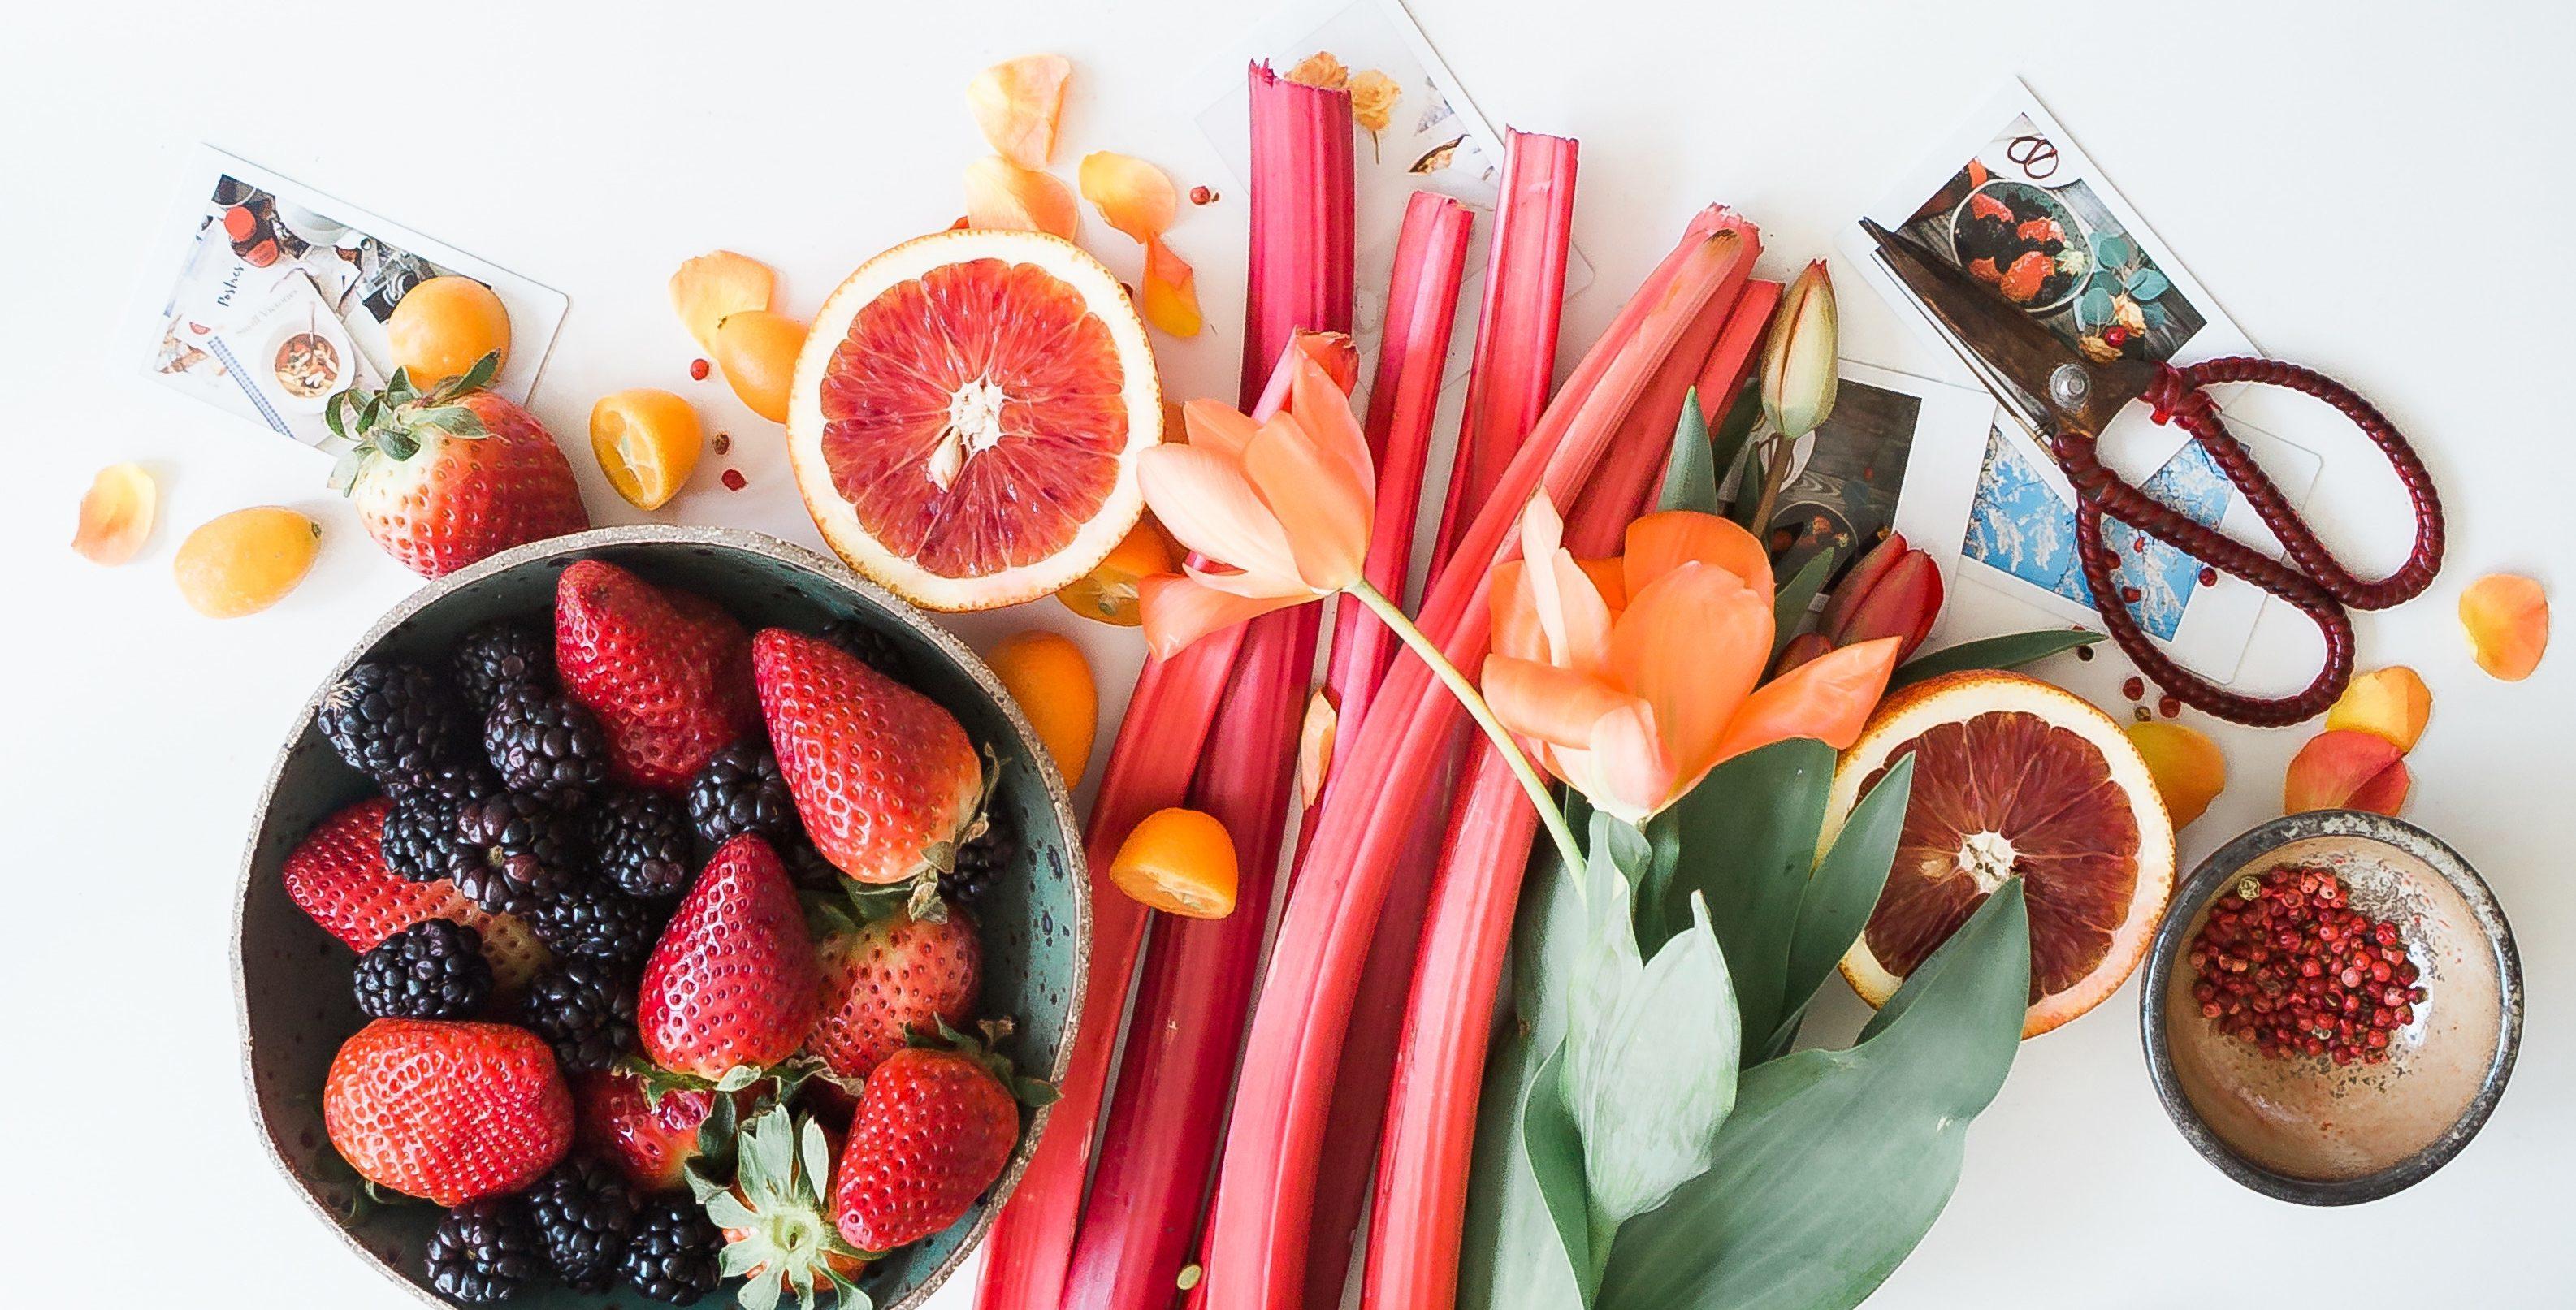 Blog dietetyka o odżywianiu i zdrowym podejściu do życia